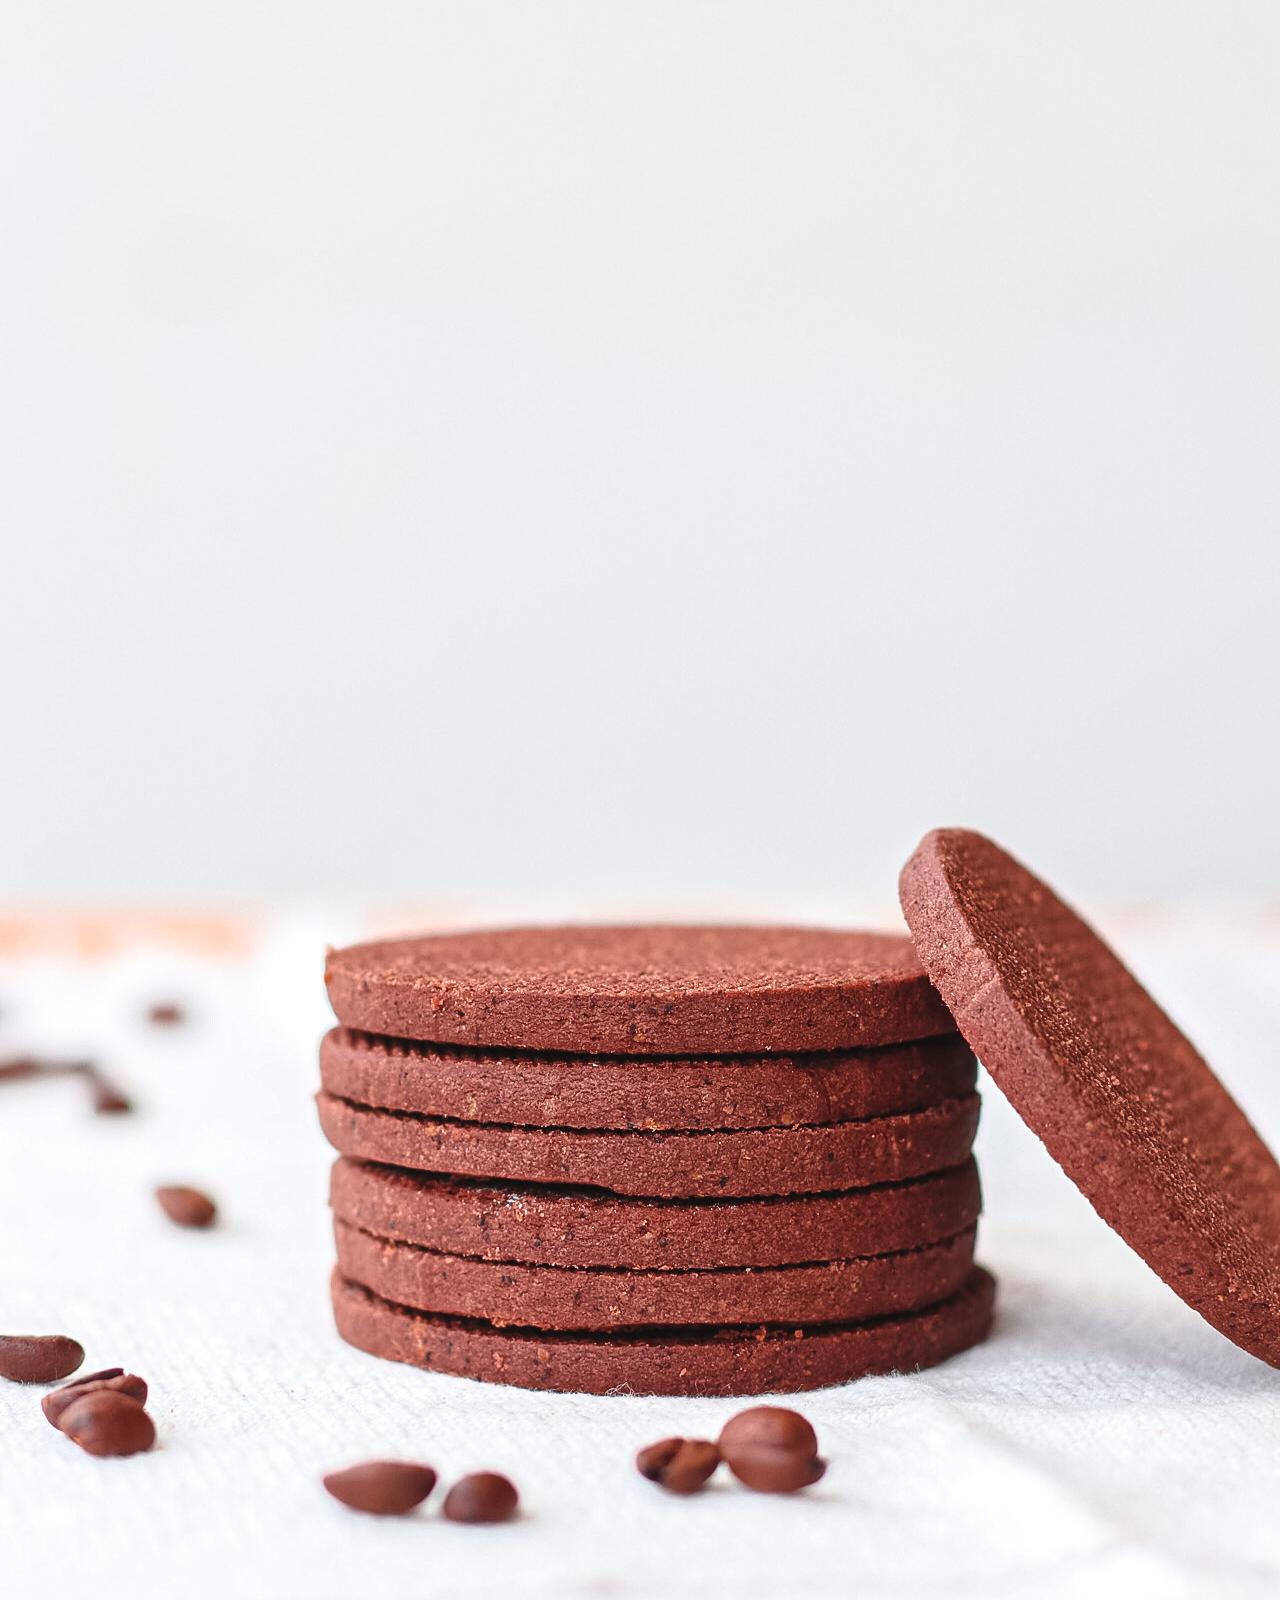 biscotti cacao e caffè su tovagliolo bianco